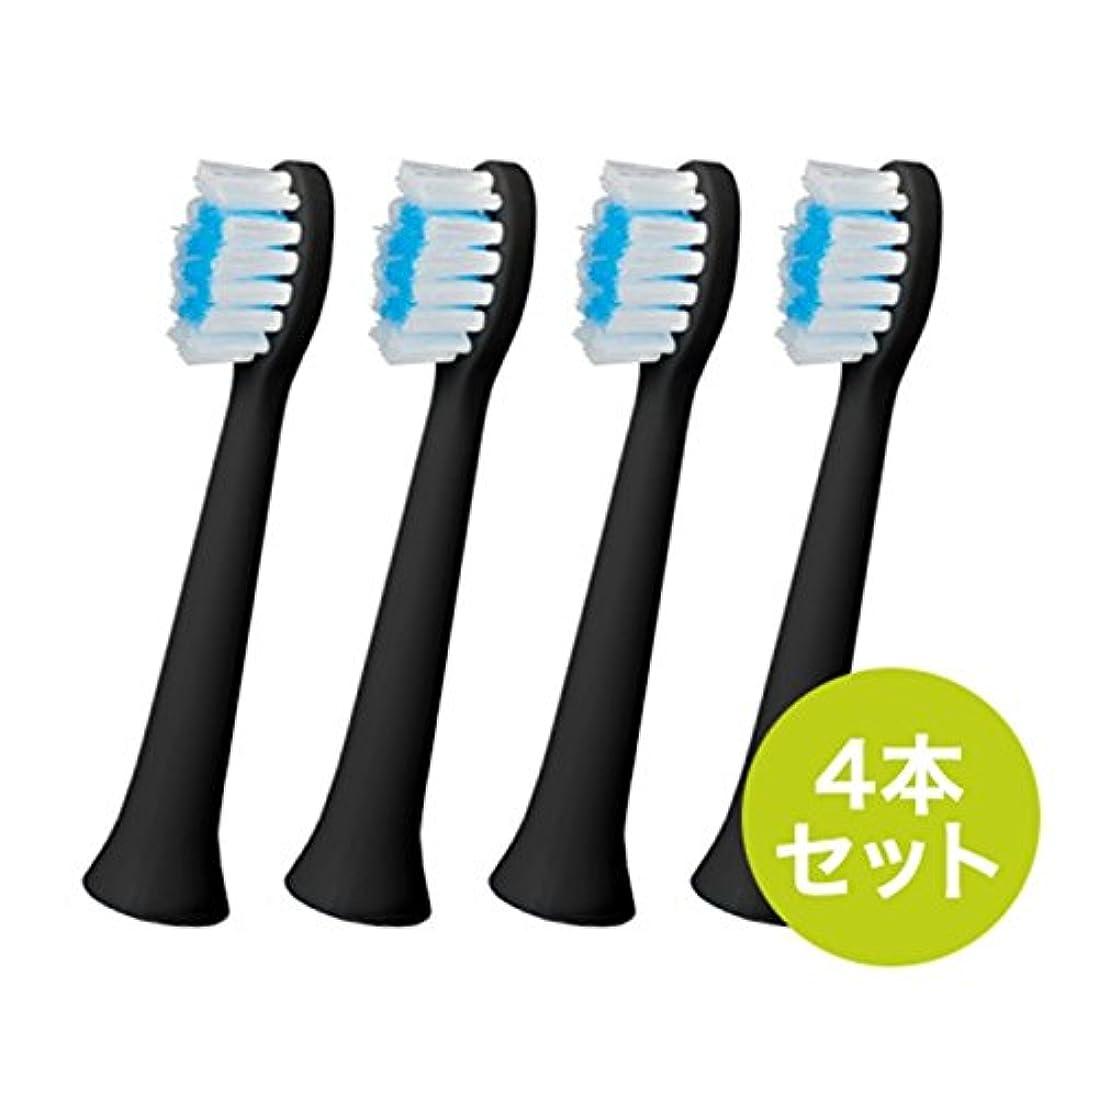 アクチュエータ湾消去DOMO電動歯ブラシ(交換ブラシ4本セット黒)